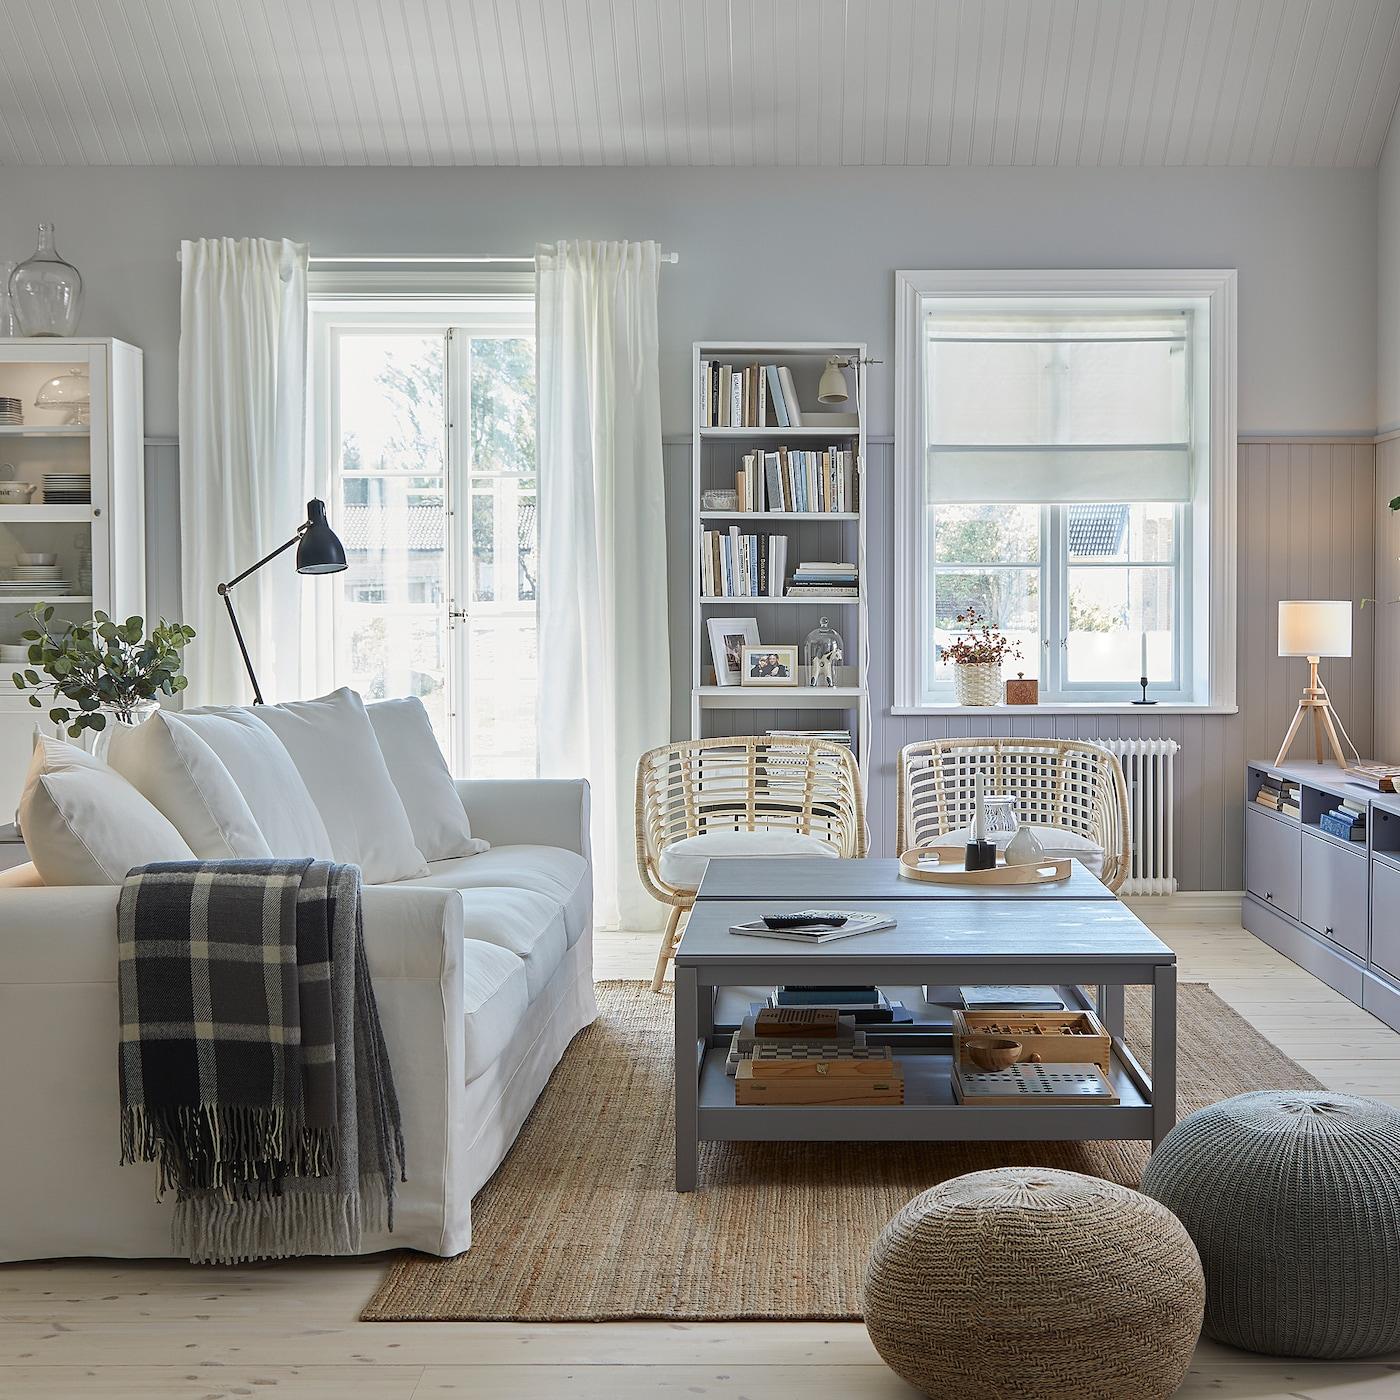 Da hun solgte hjemmet sitt i 2016 satt det danmarksrekord i kvadratmeterpris